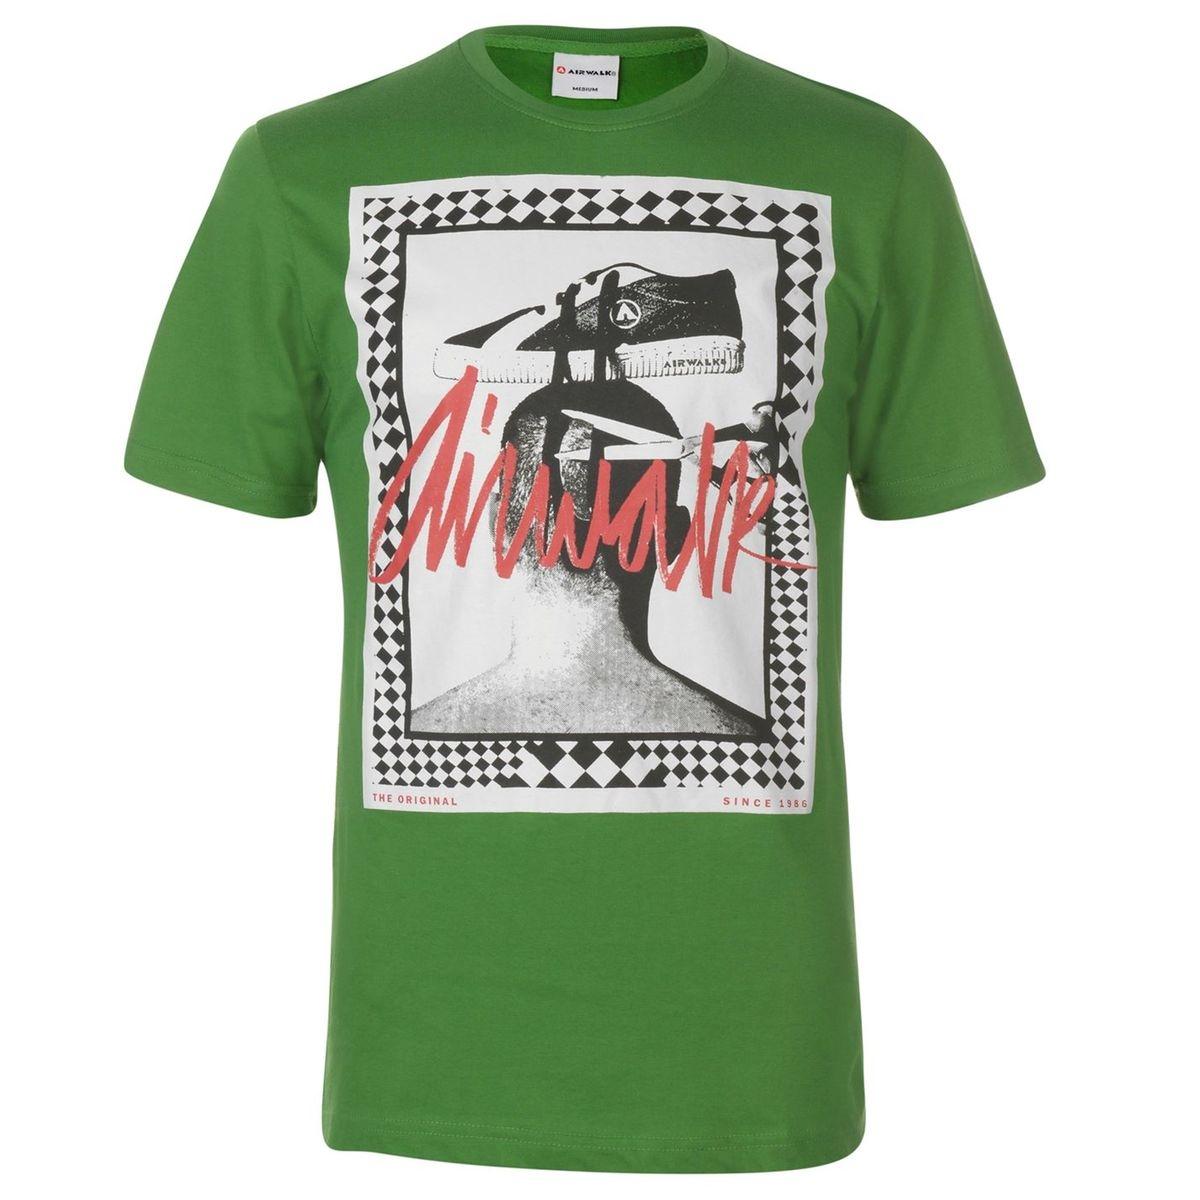 T-shirt col rond imprimé graphique